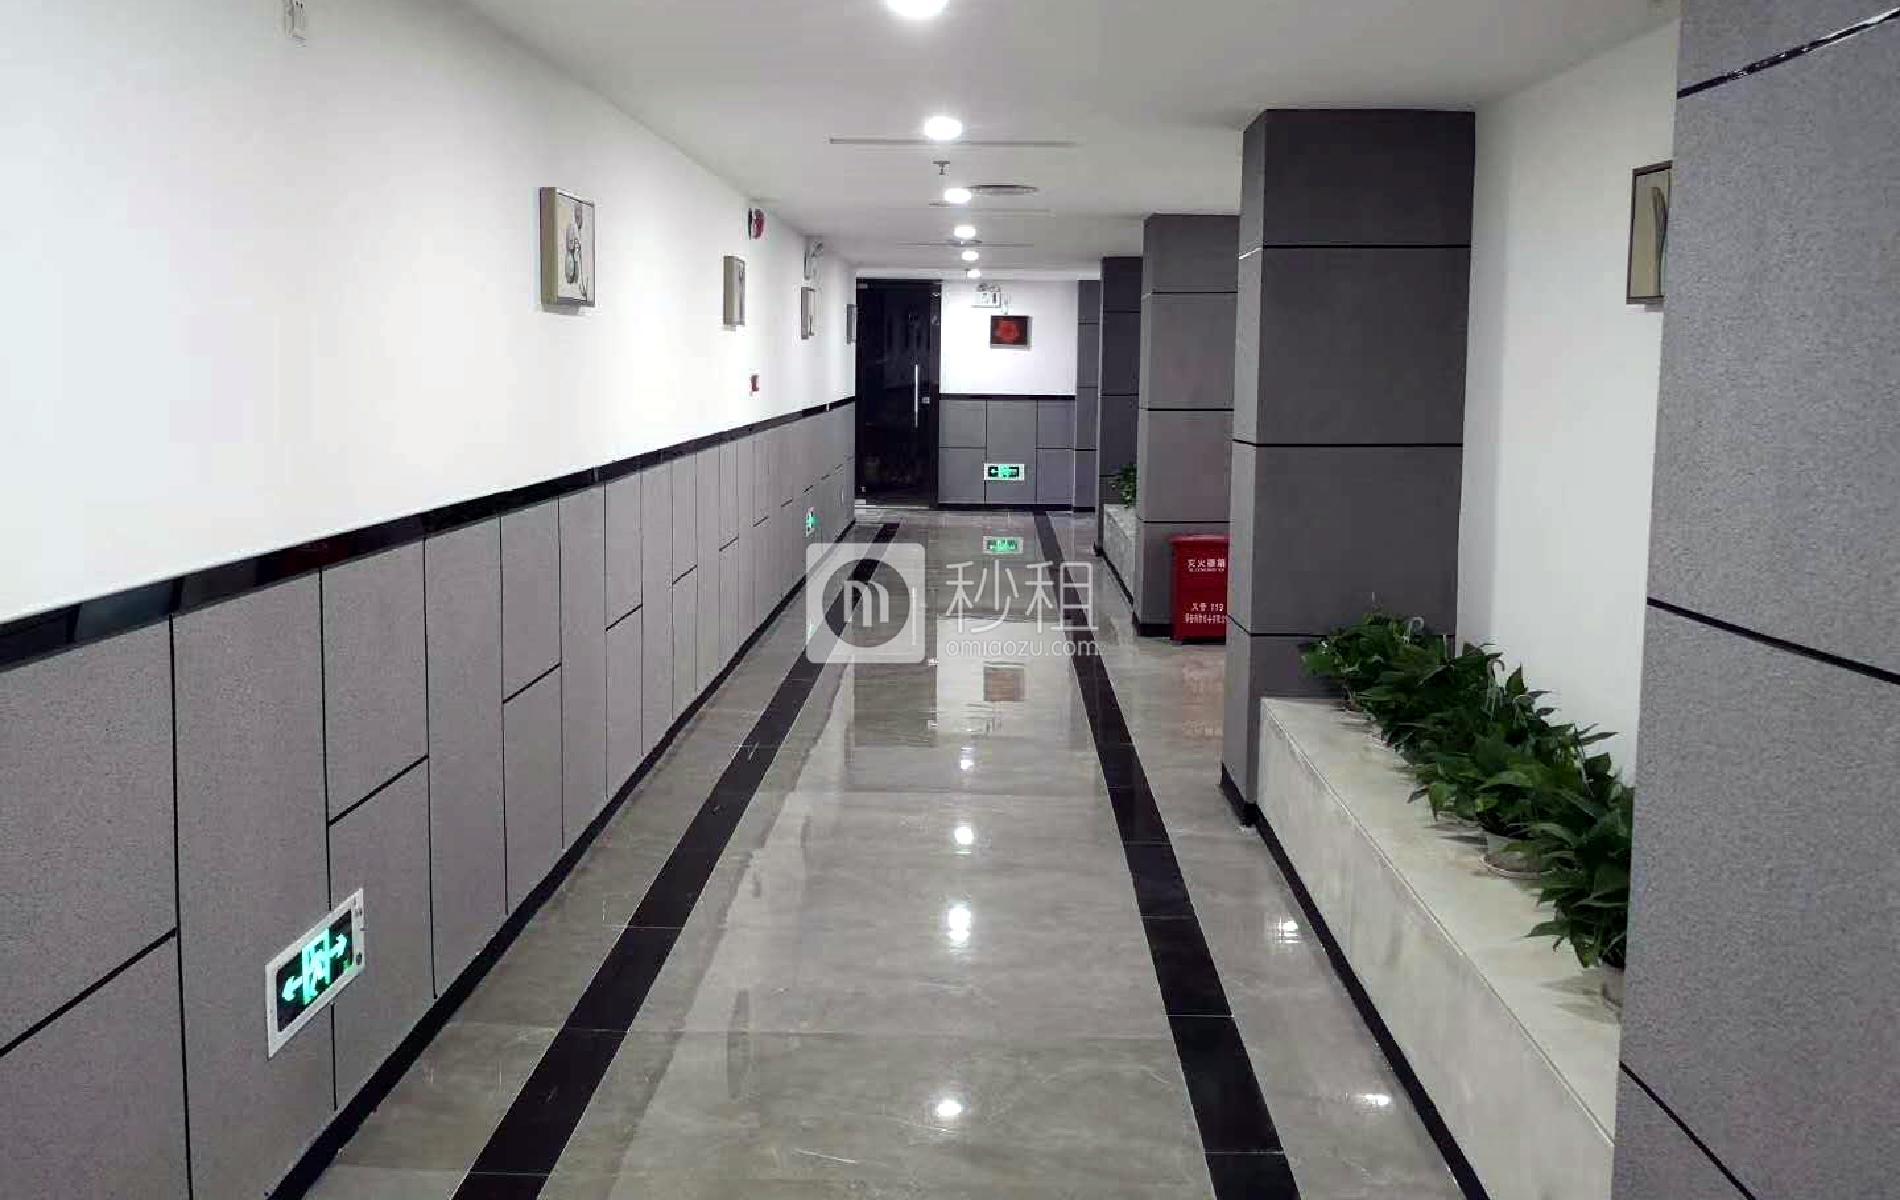 清水湾写字楼写字楼出租/招租/租赁,清水湾写字楼办公室出租/招租/租赁